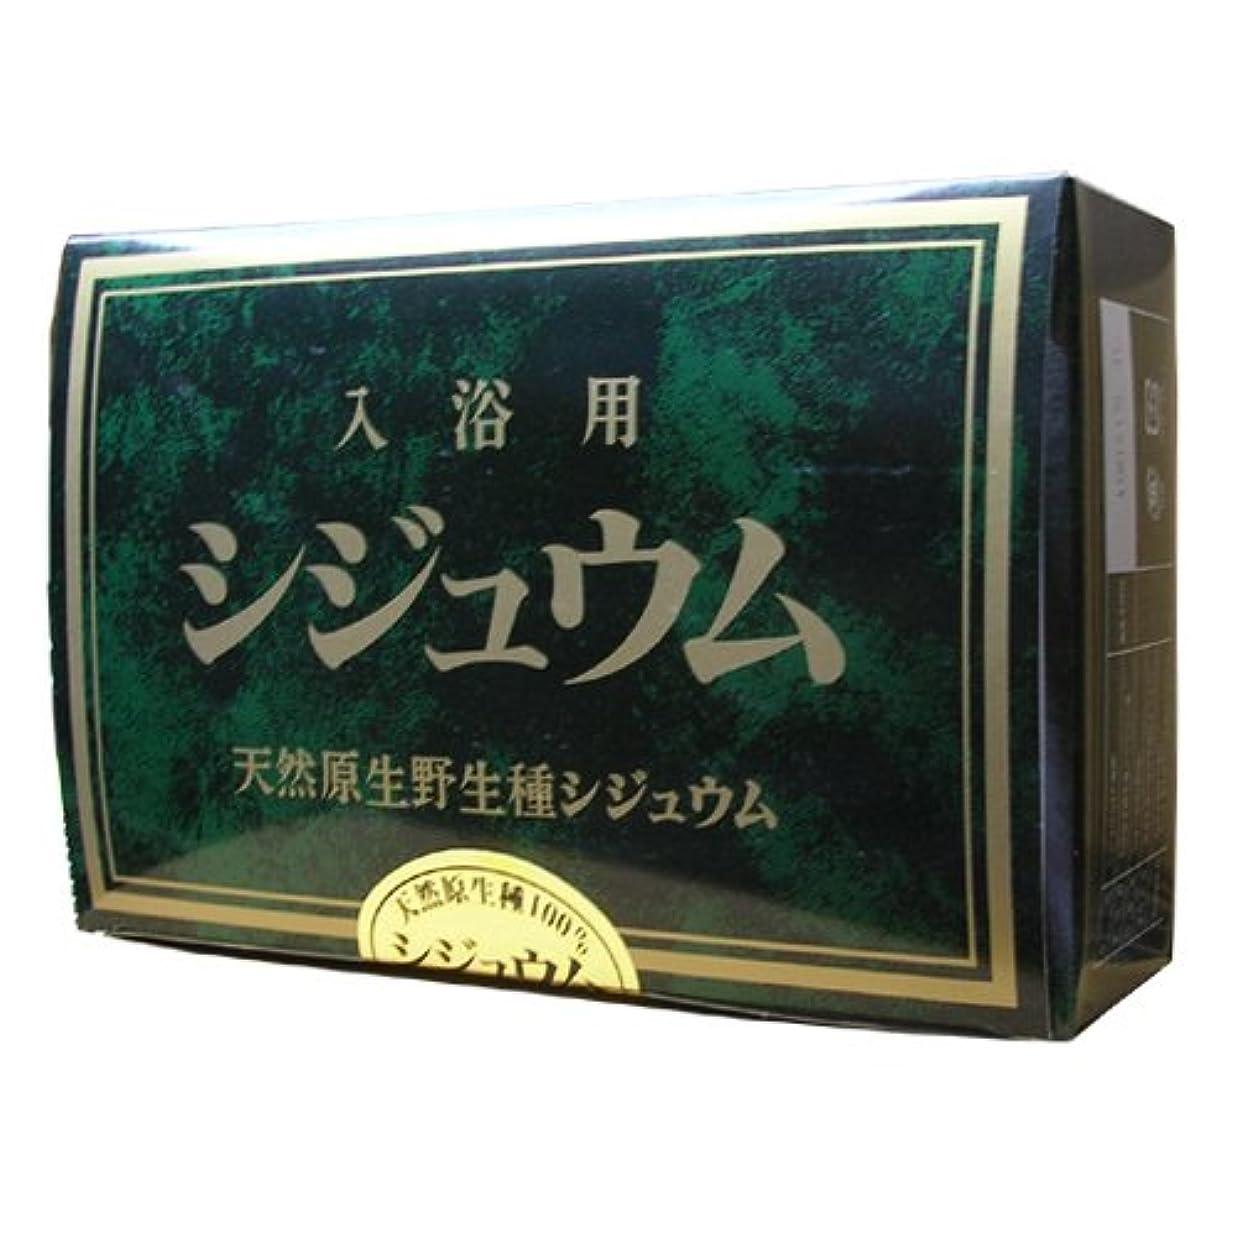 お香まつげフェードアウト入浴用シジュウム  30包×2箱セット